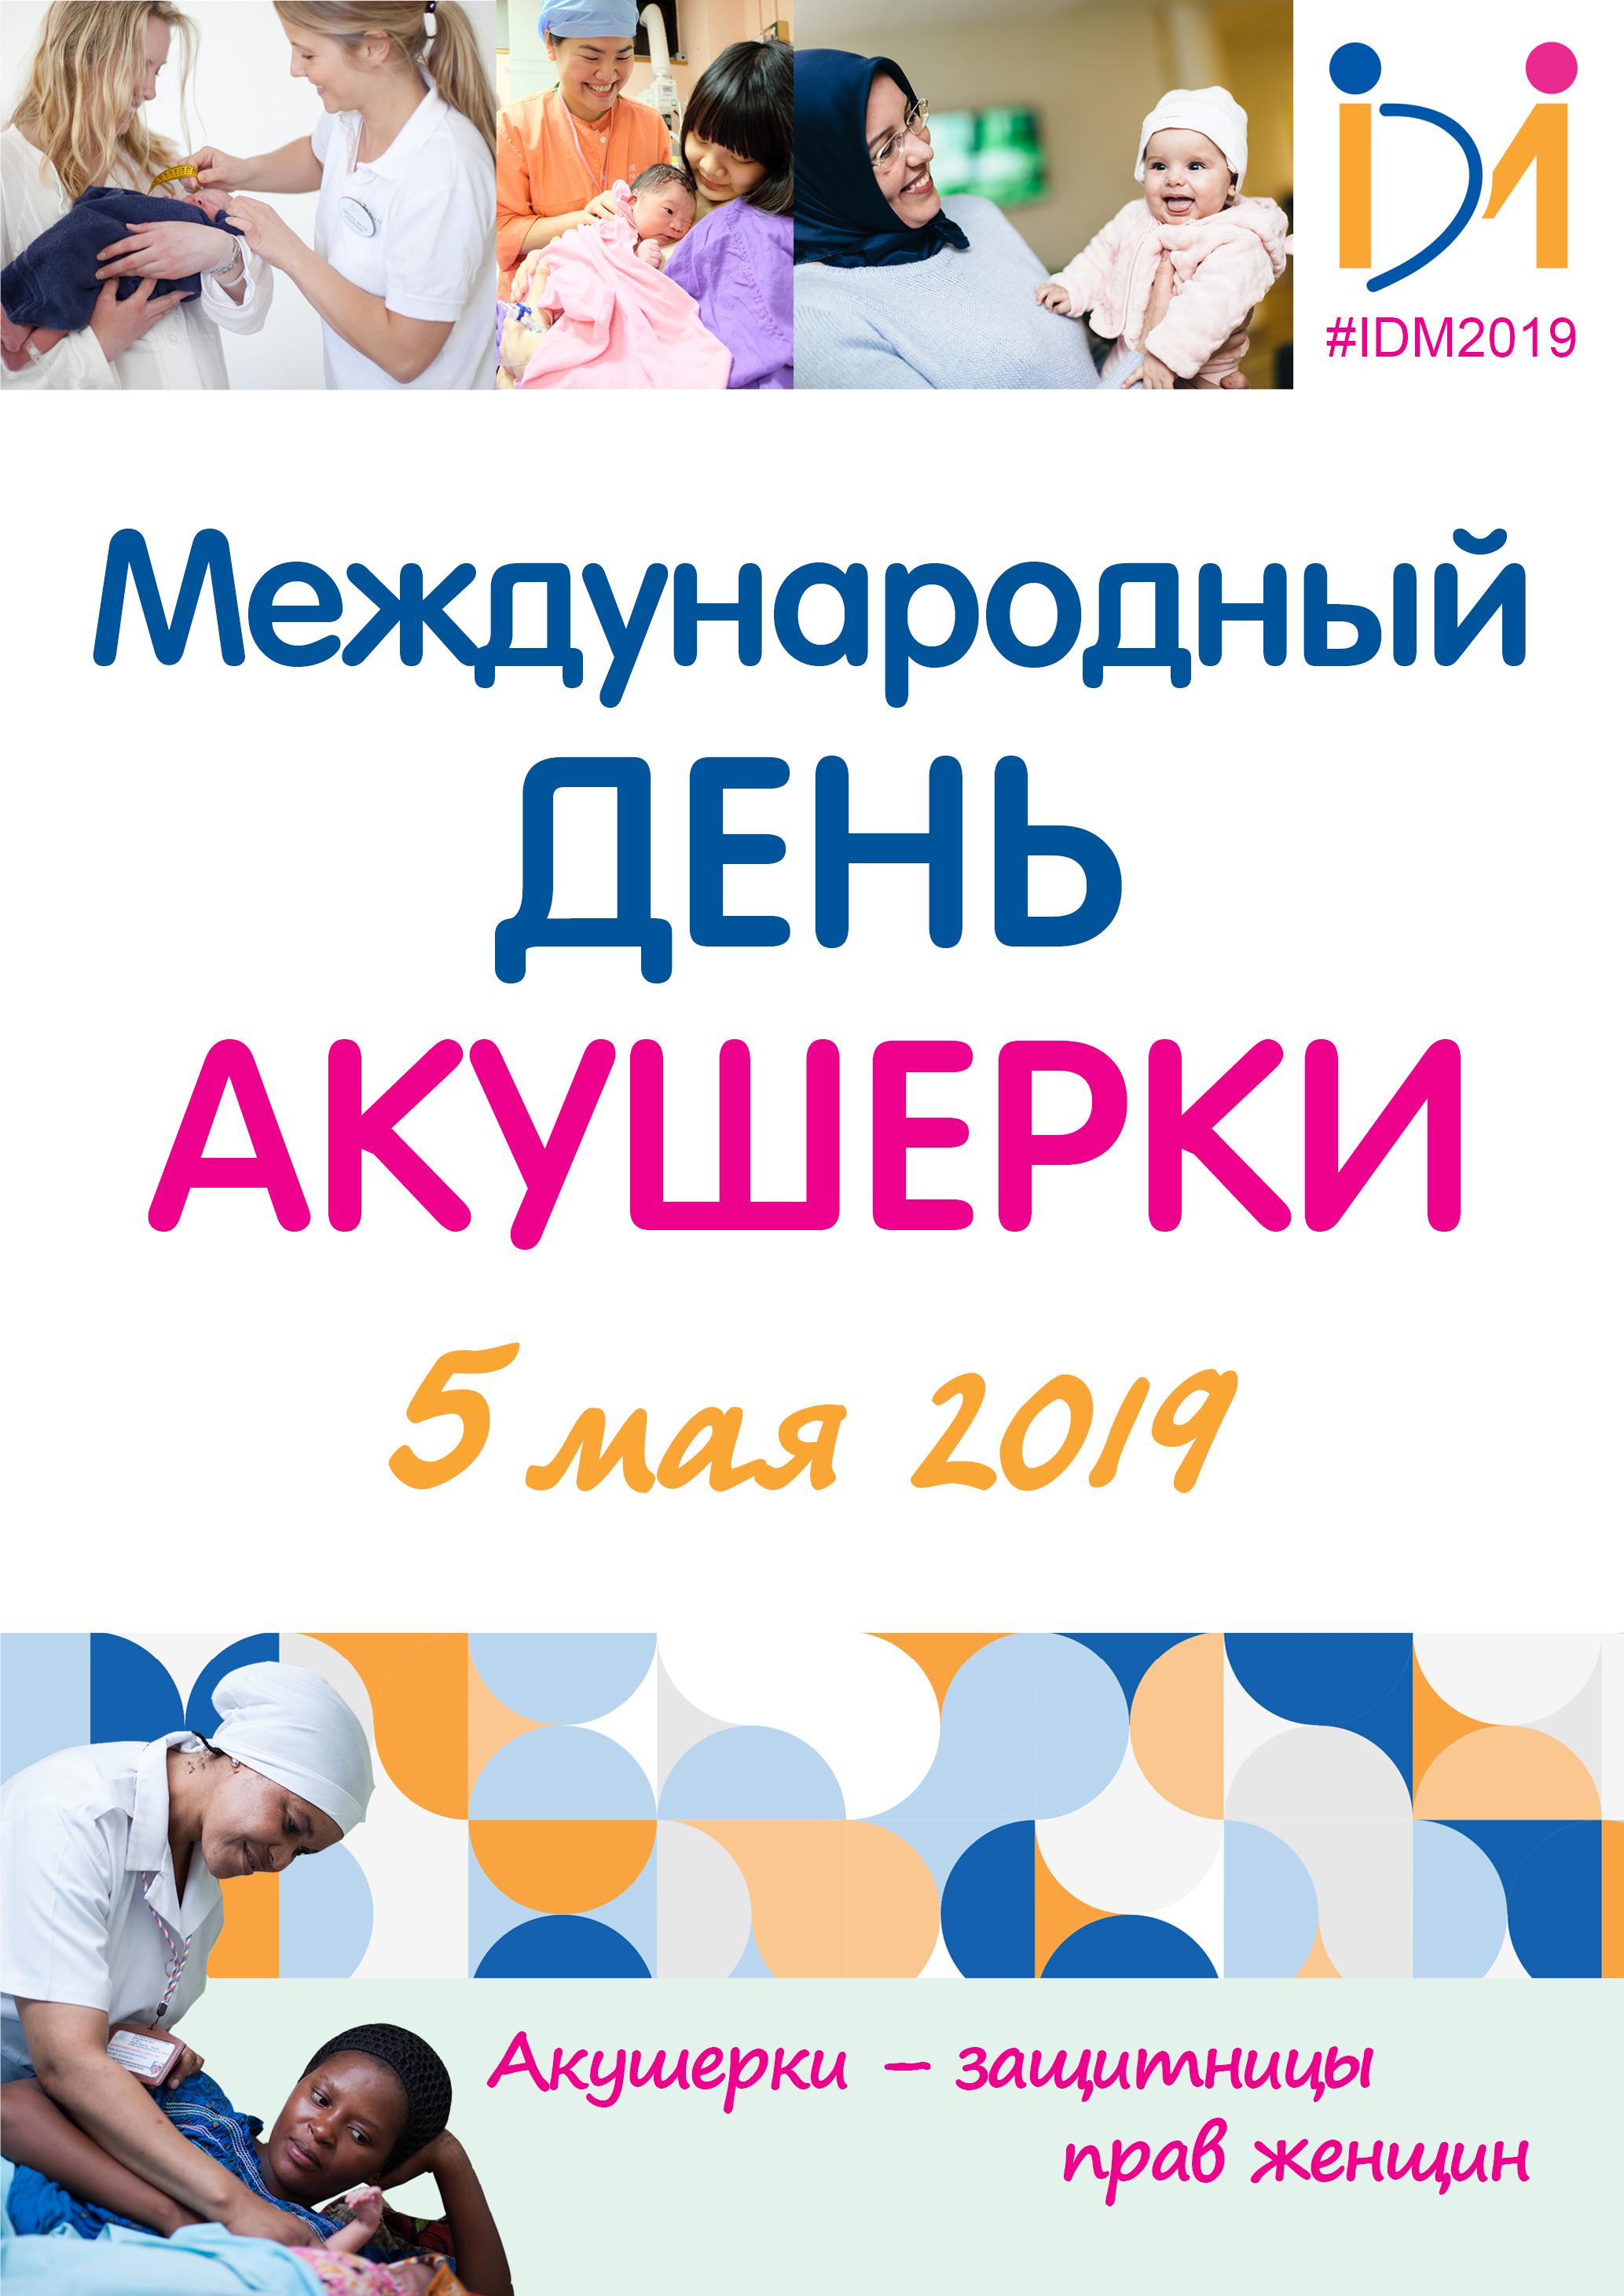 Международный день акушерки 2019